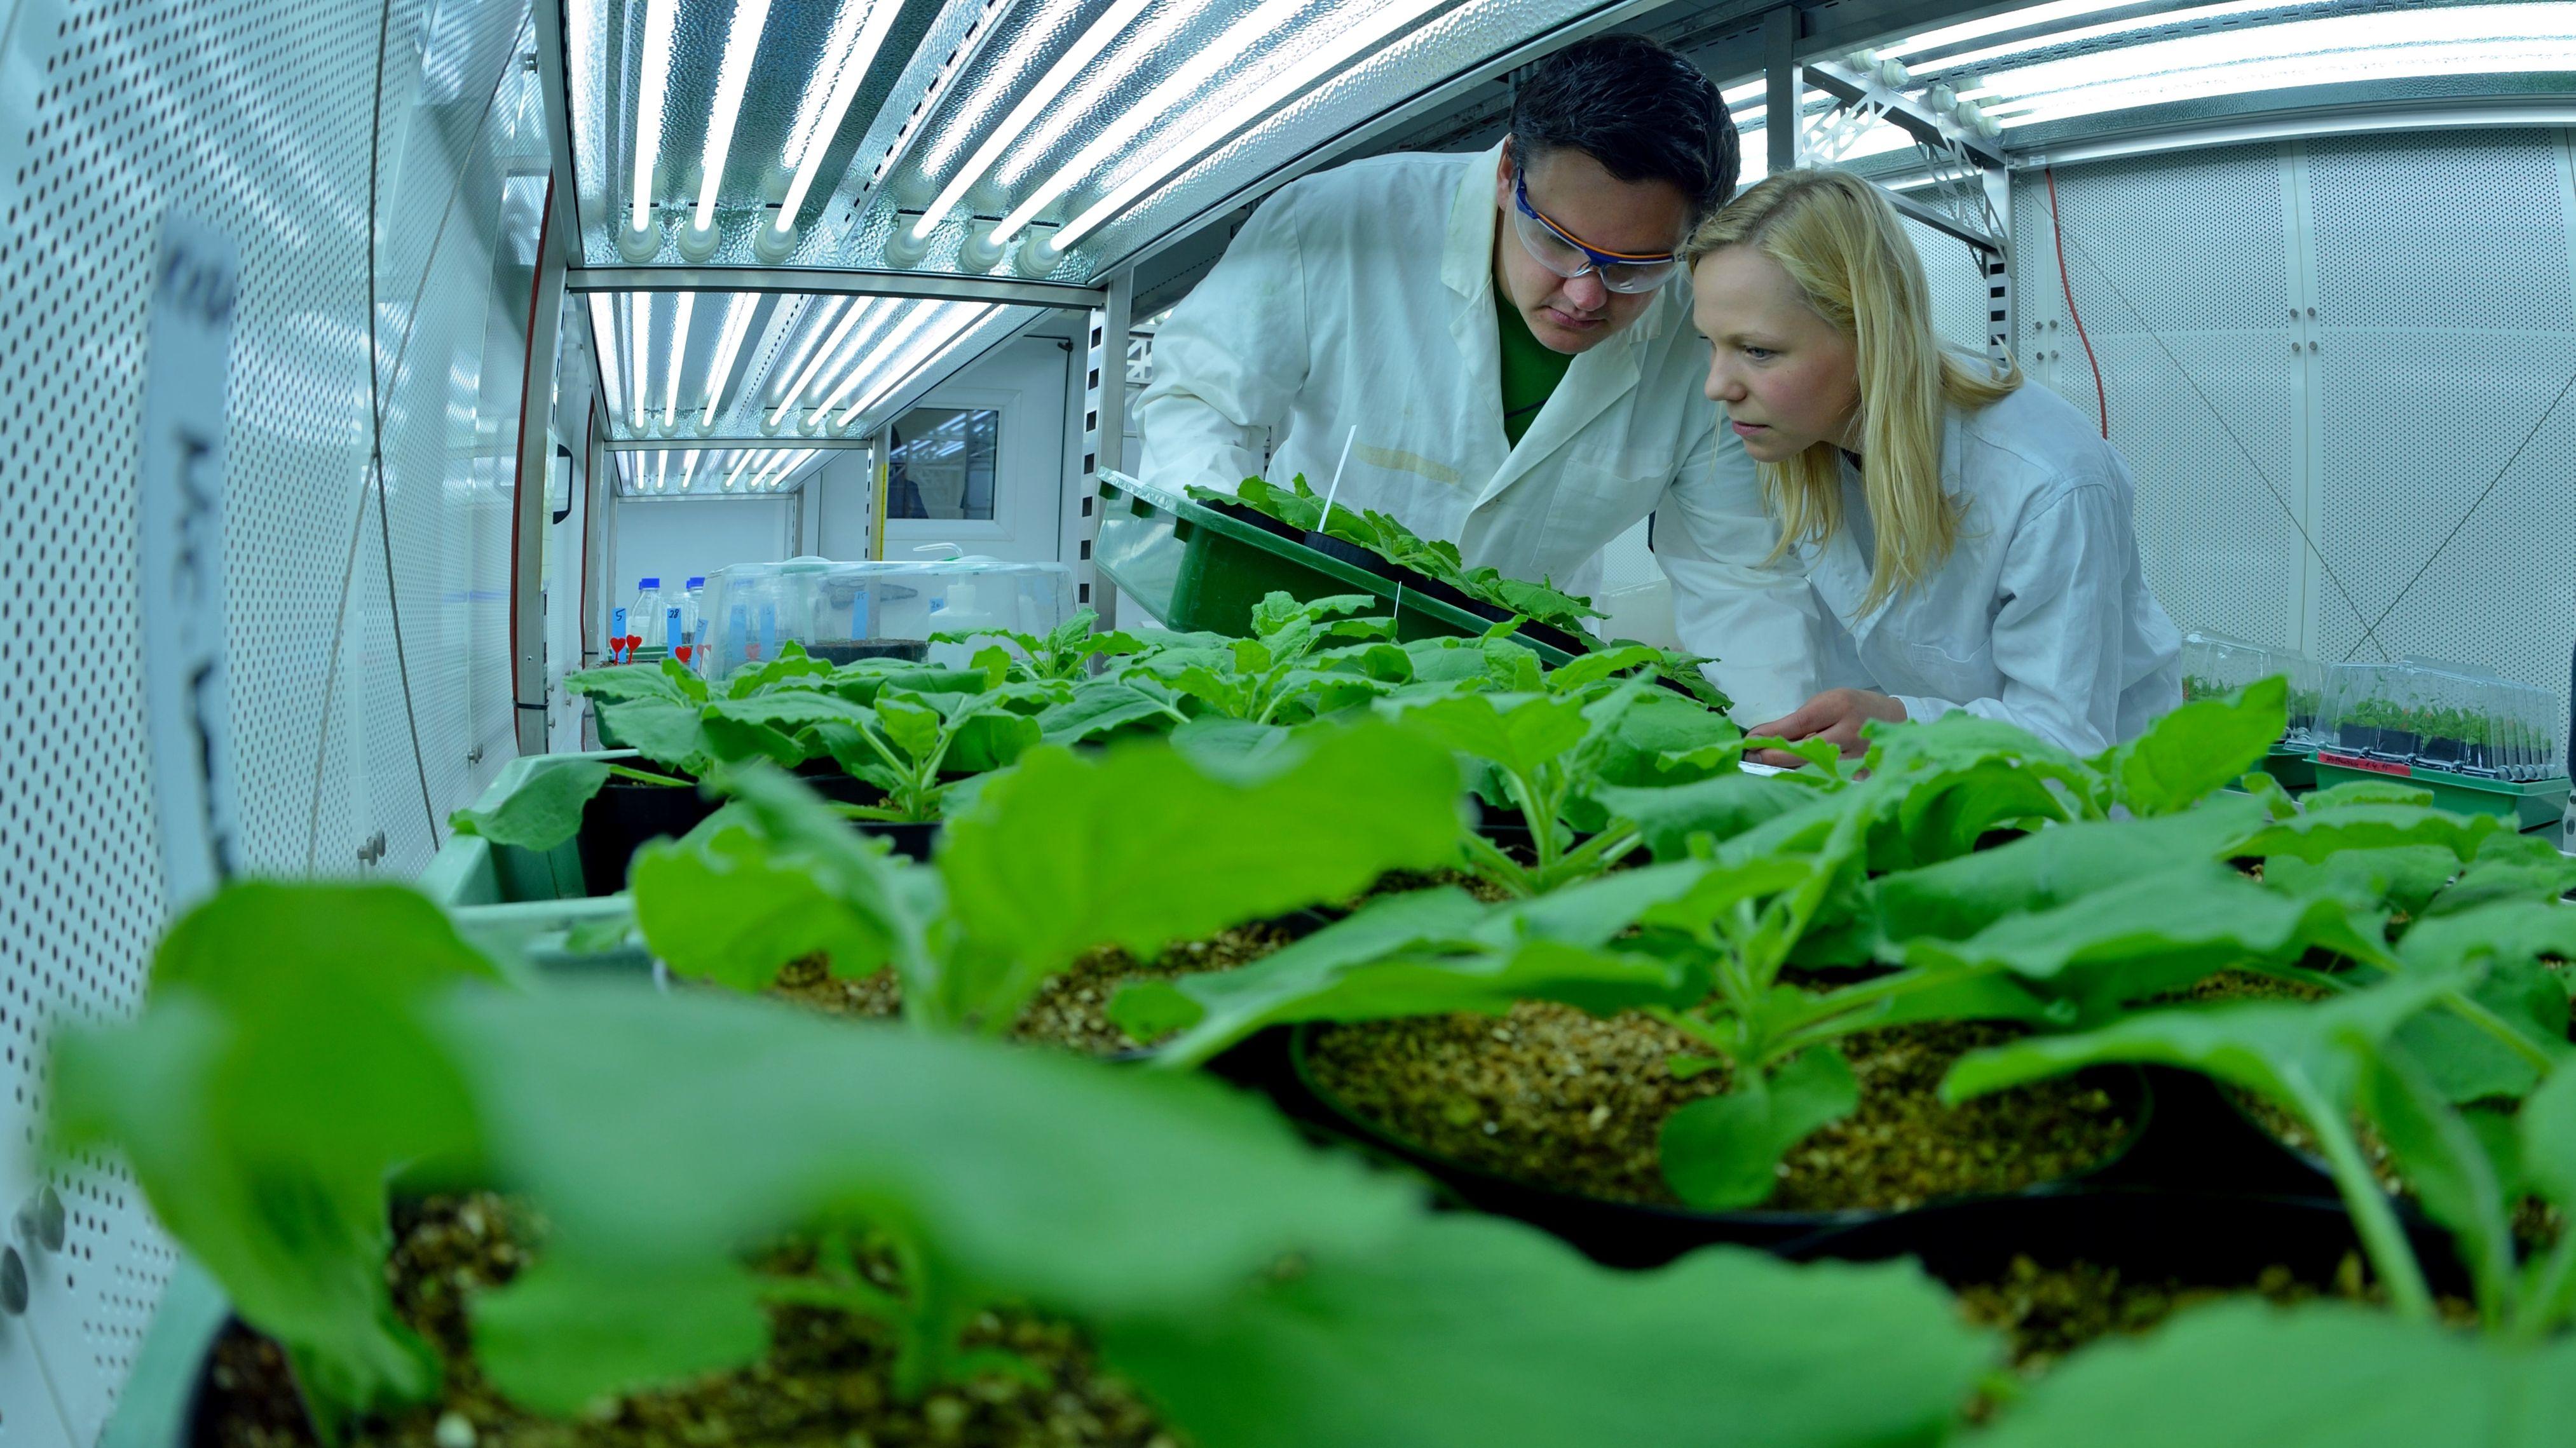 Forscher des Leibniz-Instituts für Pflanzenbiochemie prüfen Tabakpflanzen, die Inhaltsstoffe für Arznei- und Kosmetikprodukte liefern sollen.